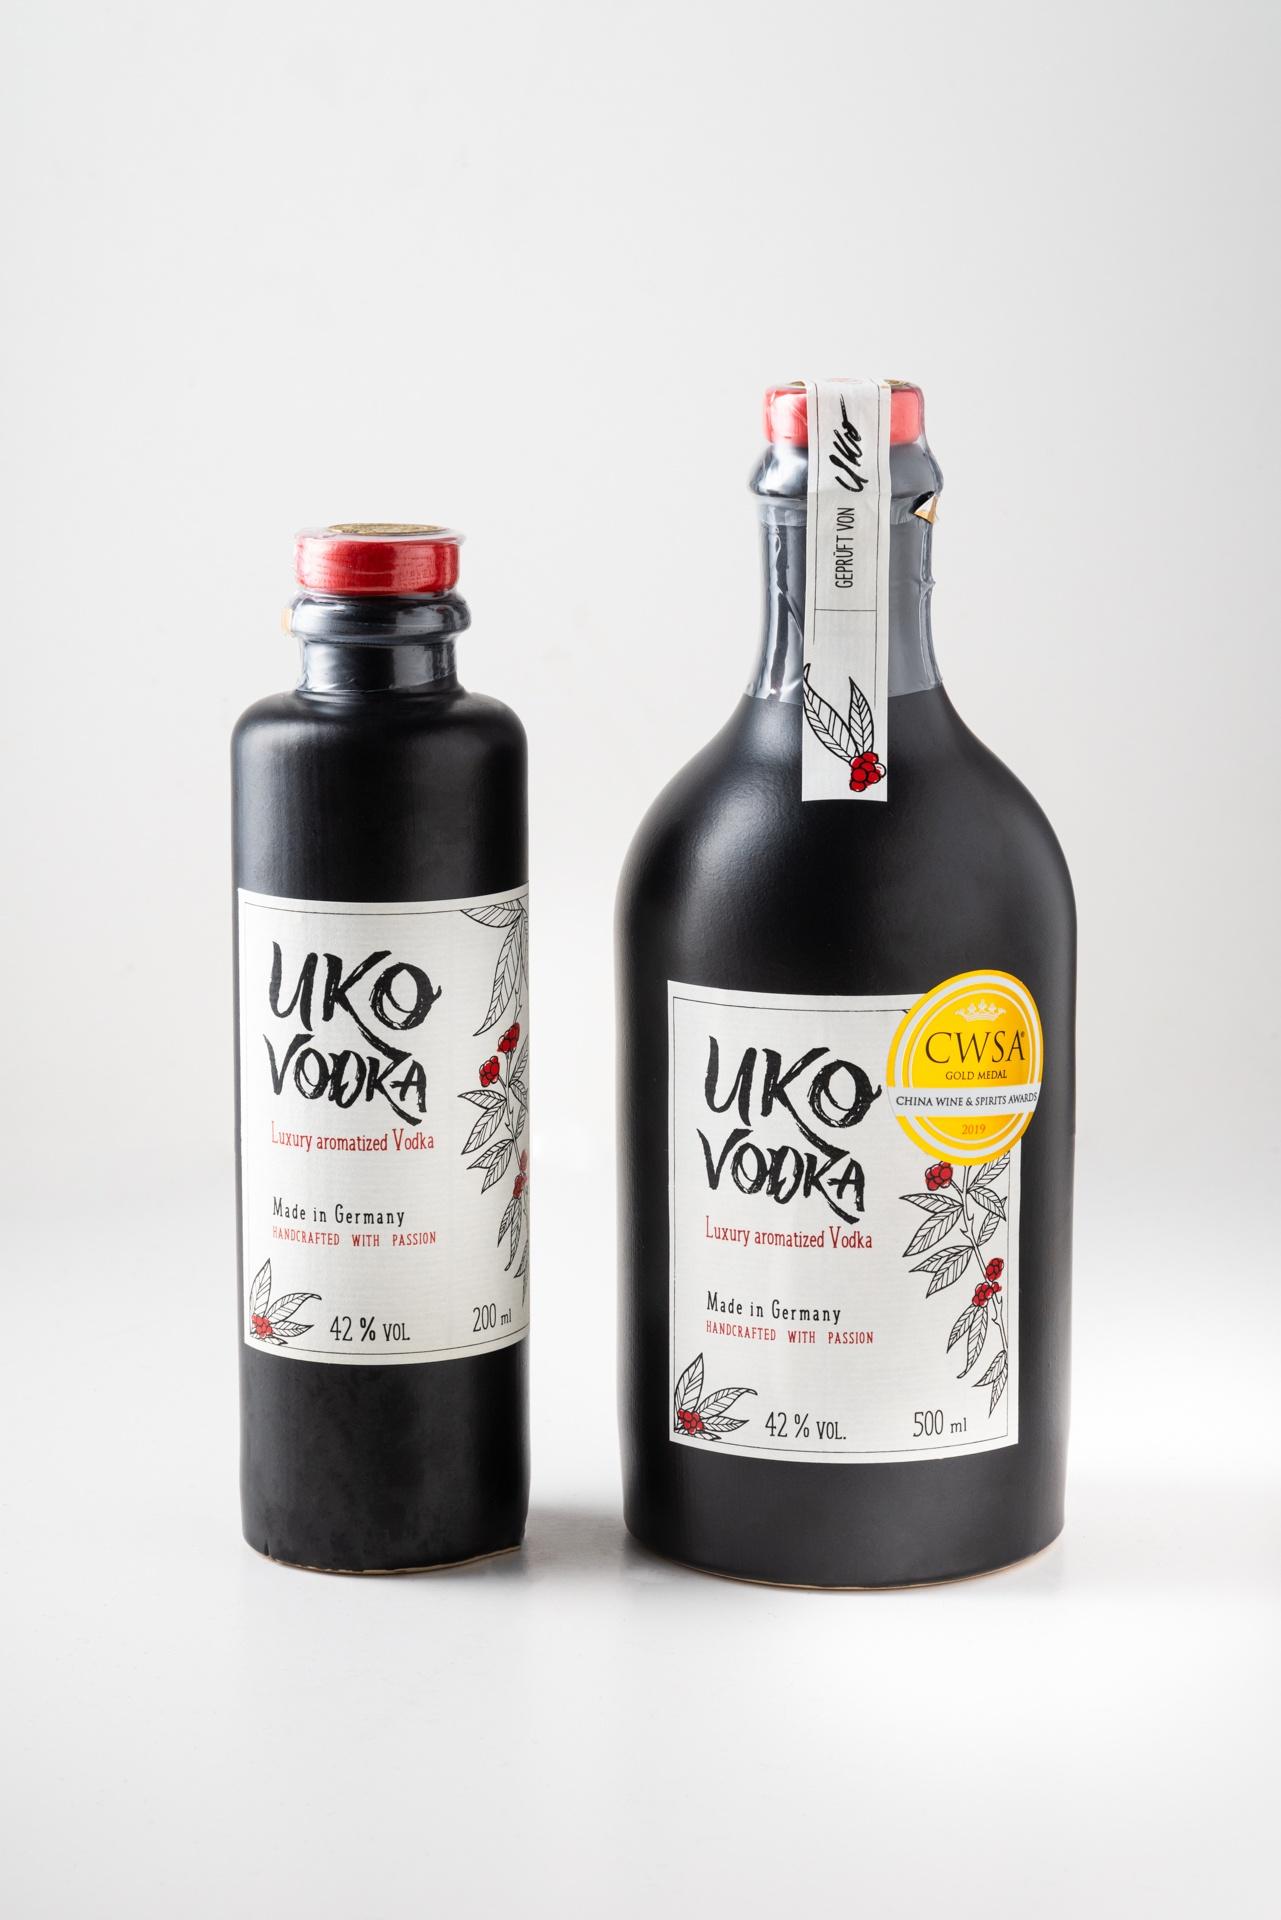 Uko Vodka